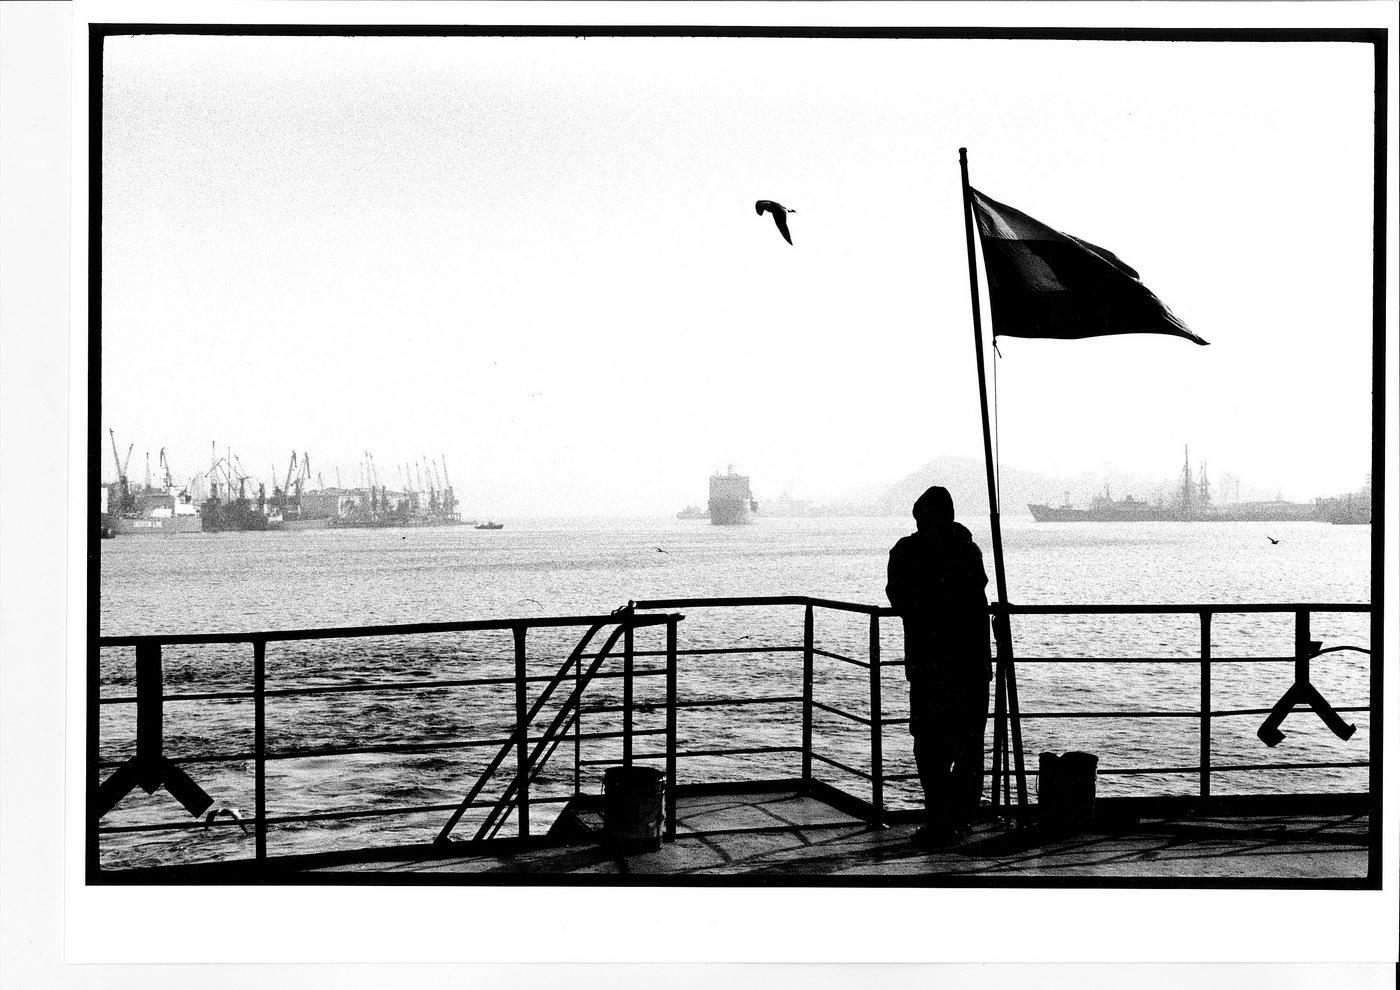 Владивосток, Россия, 2008